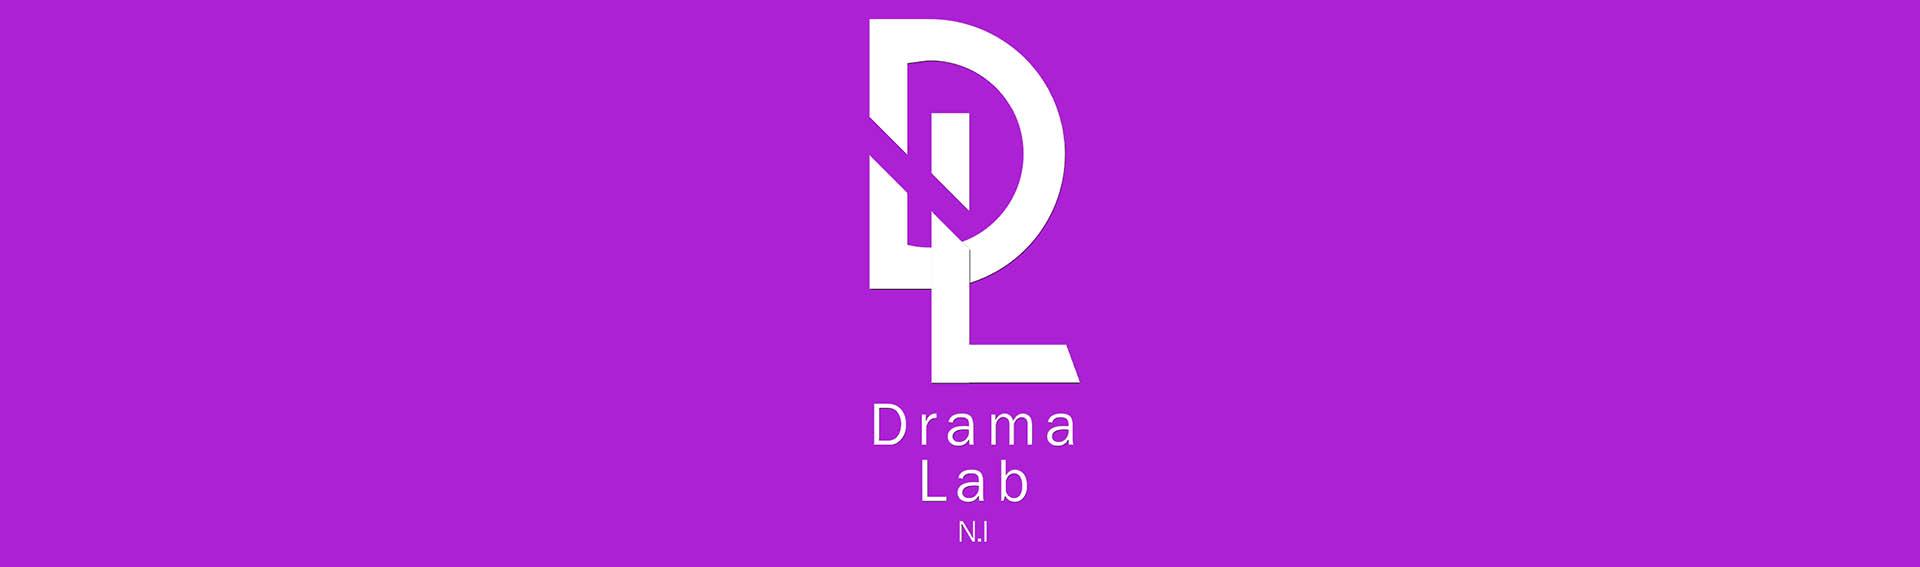 Drama Lab Logo 2.jpg